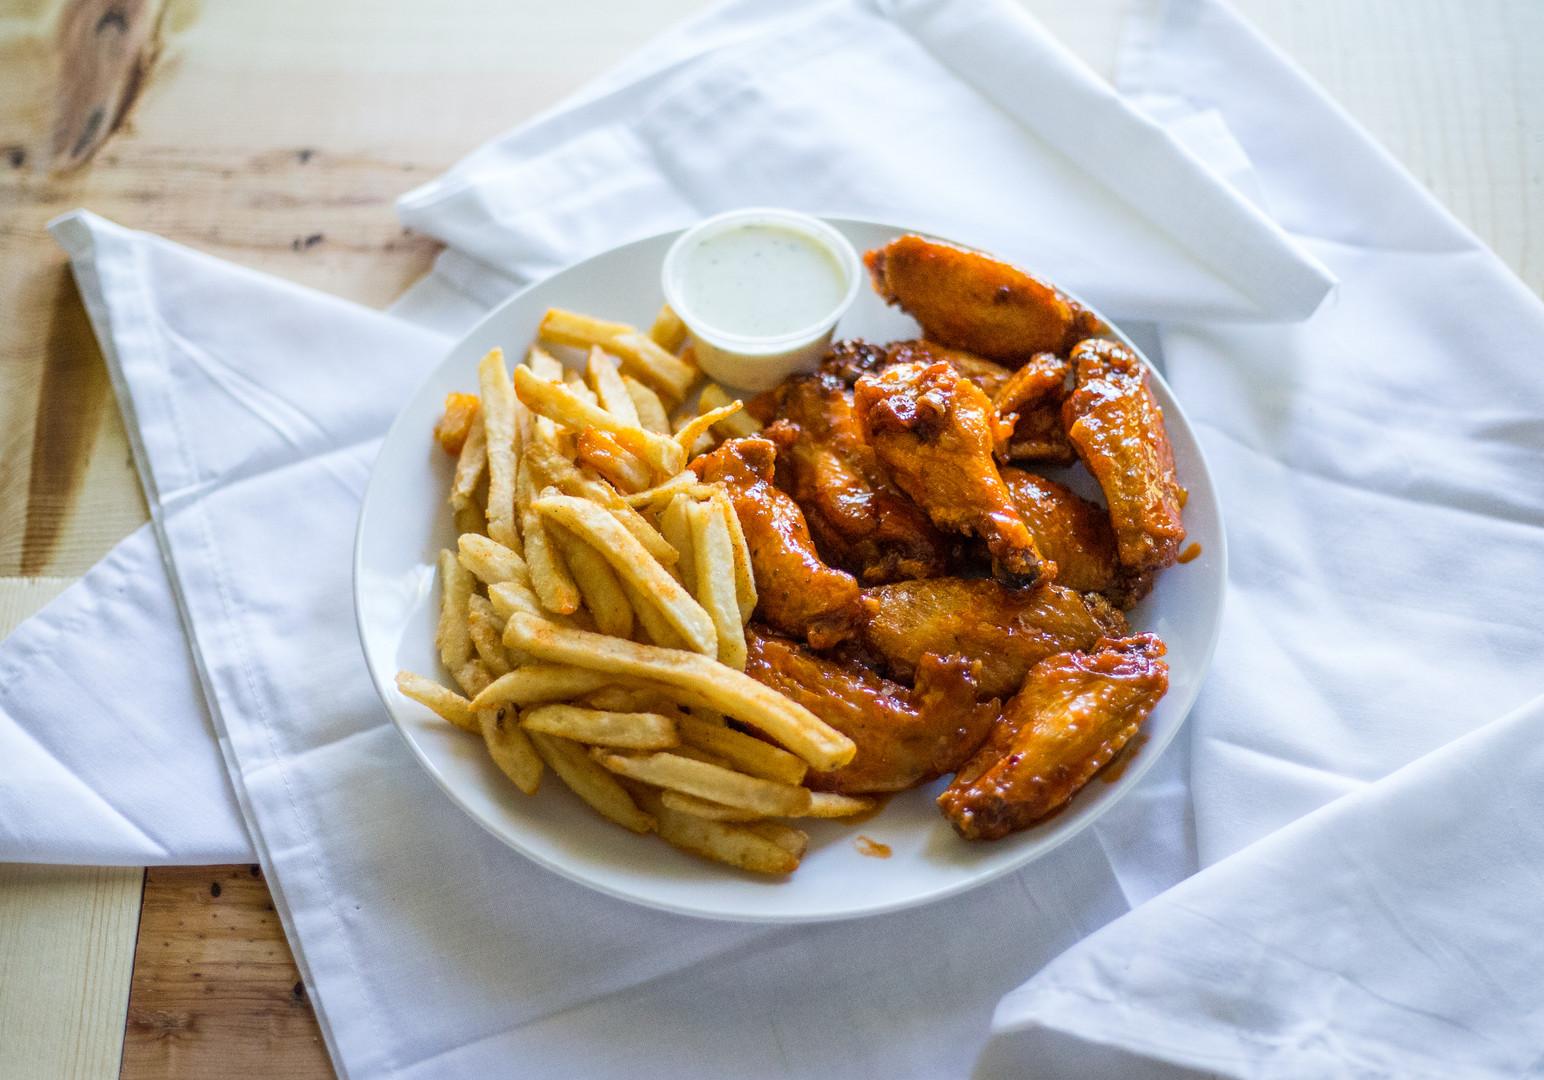 Wings_10PC_Fries_Dip_Drink9.jpg